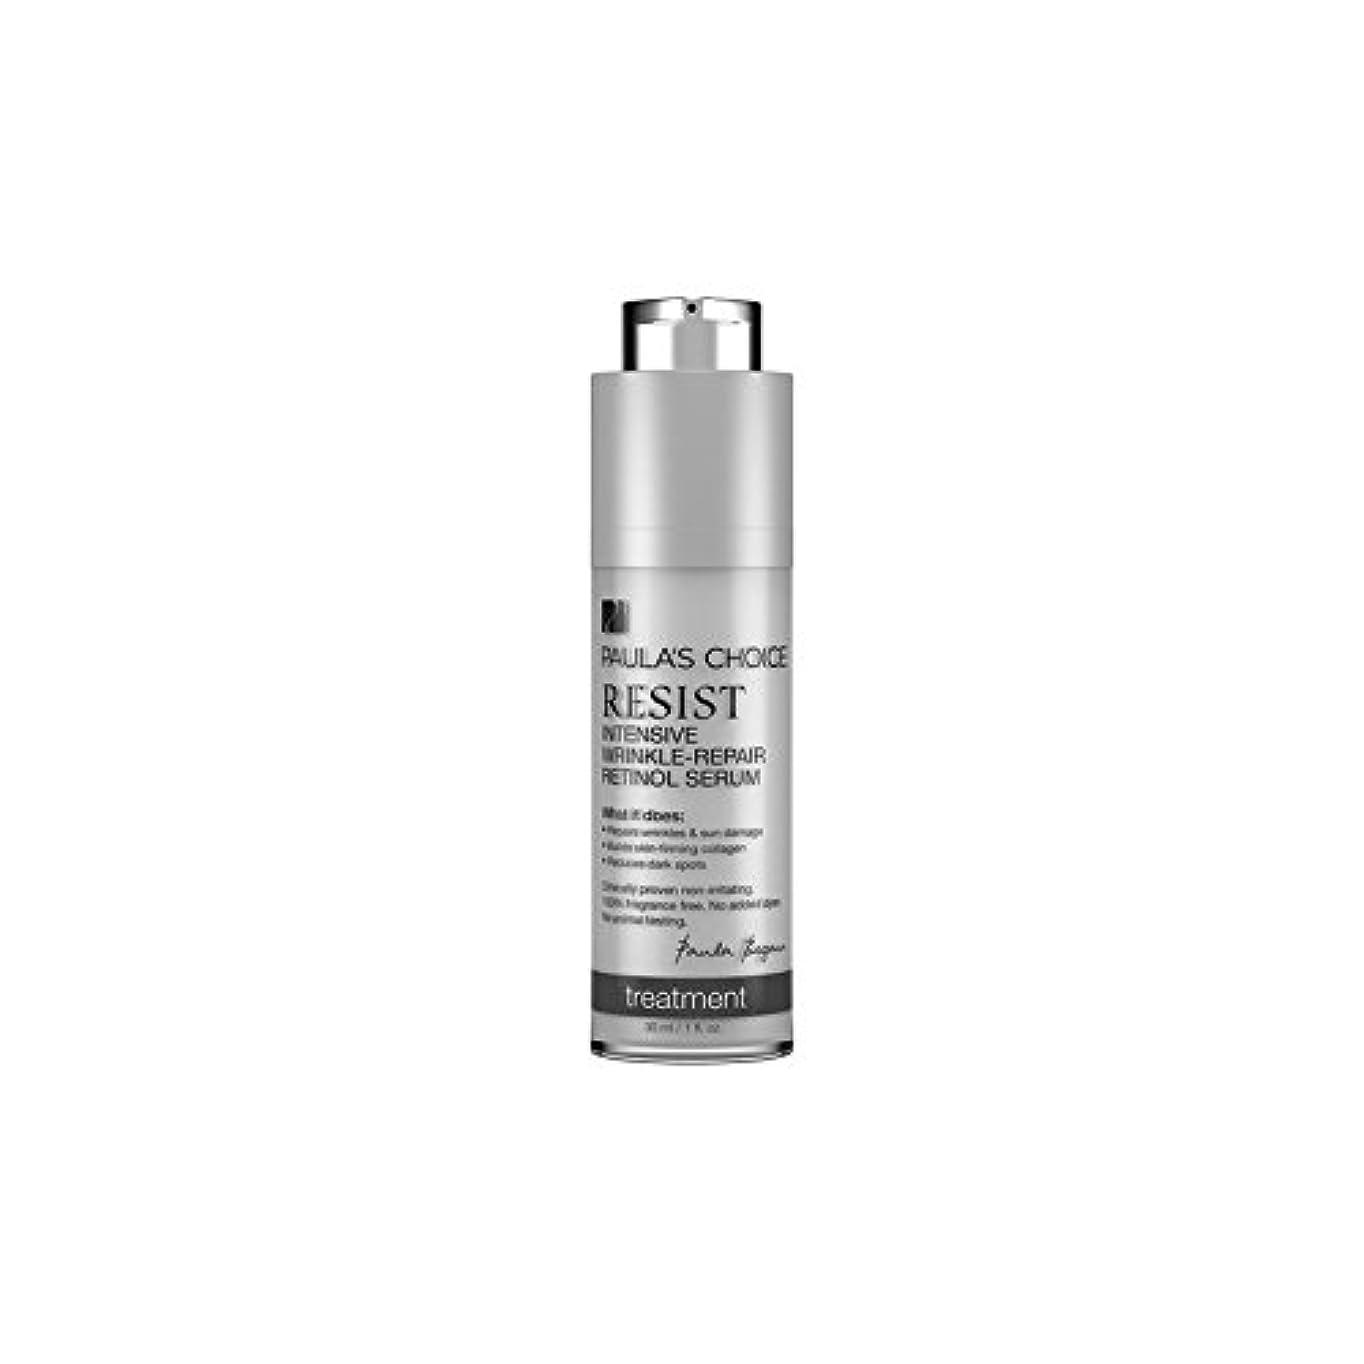 異邦人強打シロクマPaula's Choice Resist Intensive Wrinkle-Repair Retinol Serum (30ml) - ポーラチョイスは、集中的なしわ修復レチノール血清(30ミリリットル)を抵抗します [並行輸入品]